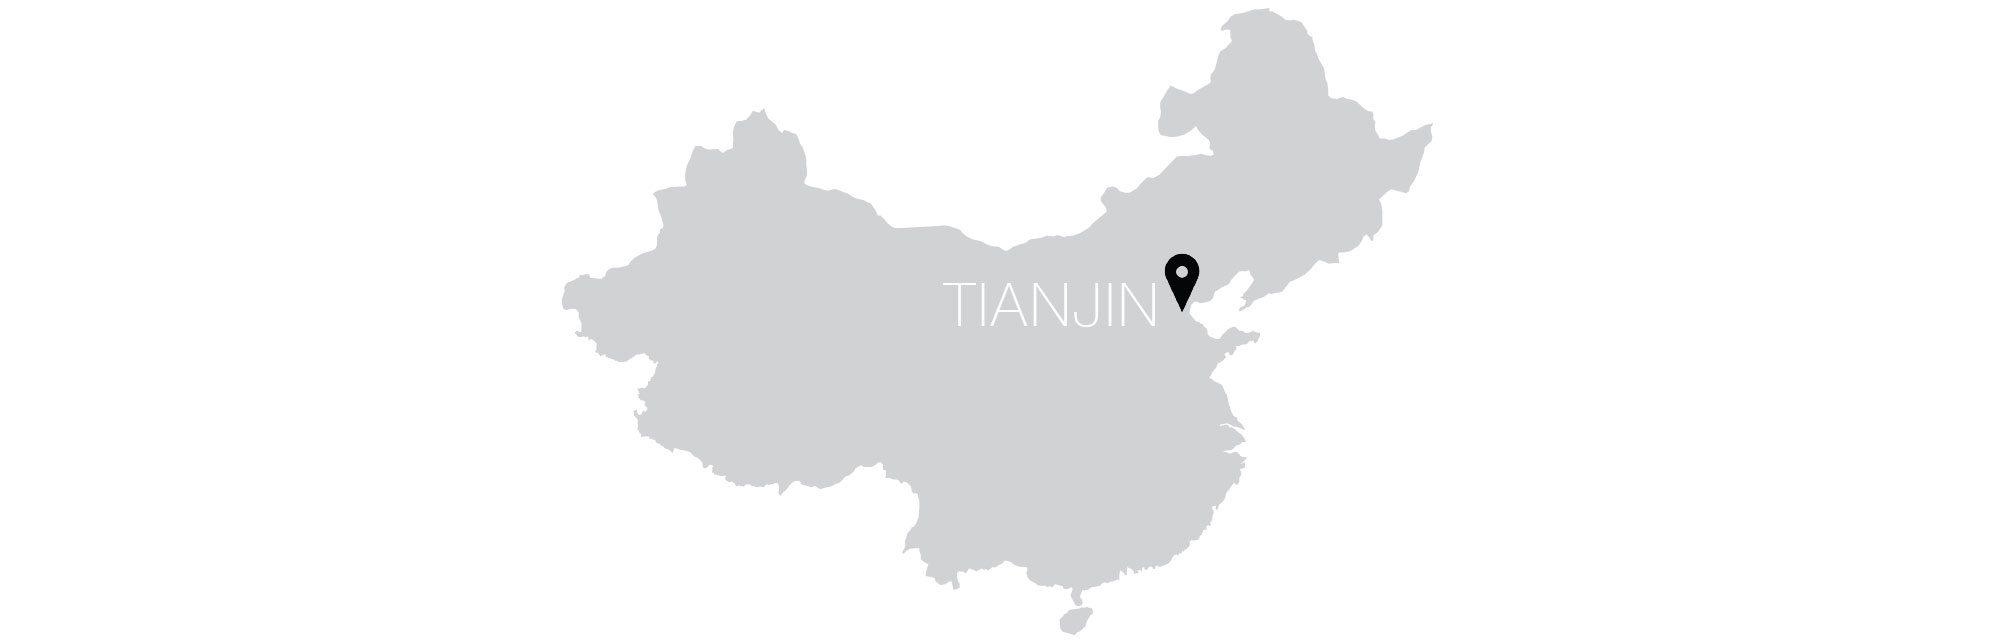 Tianjin Opener